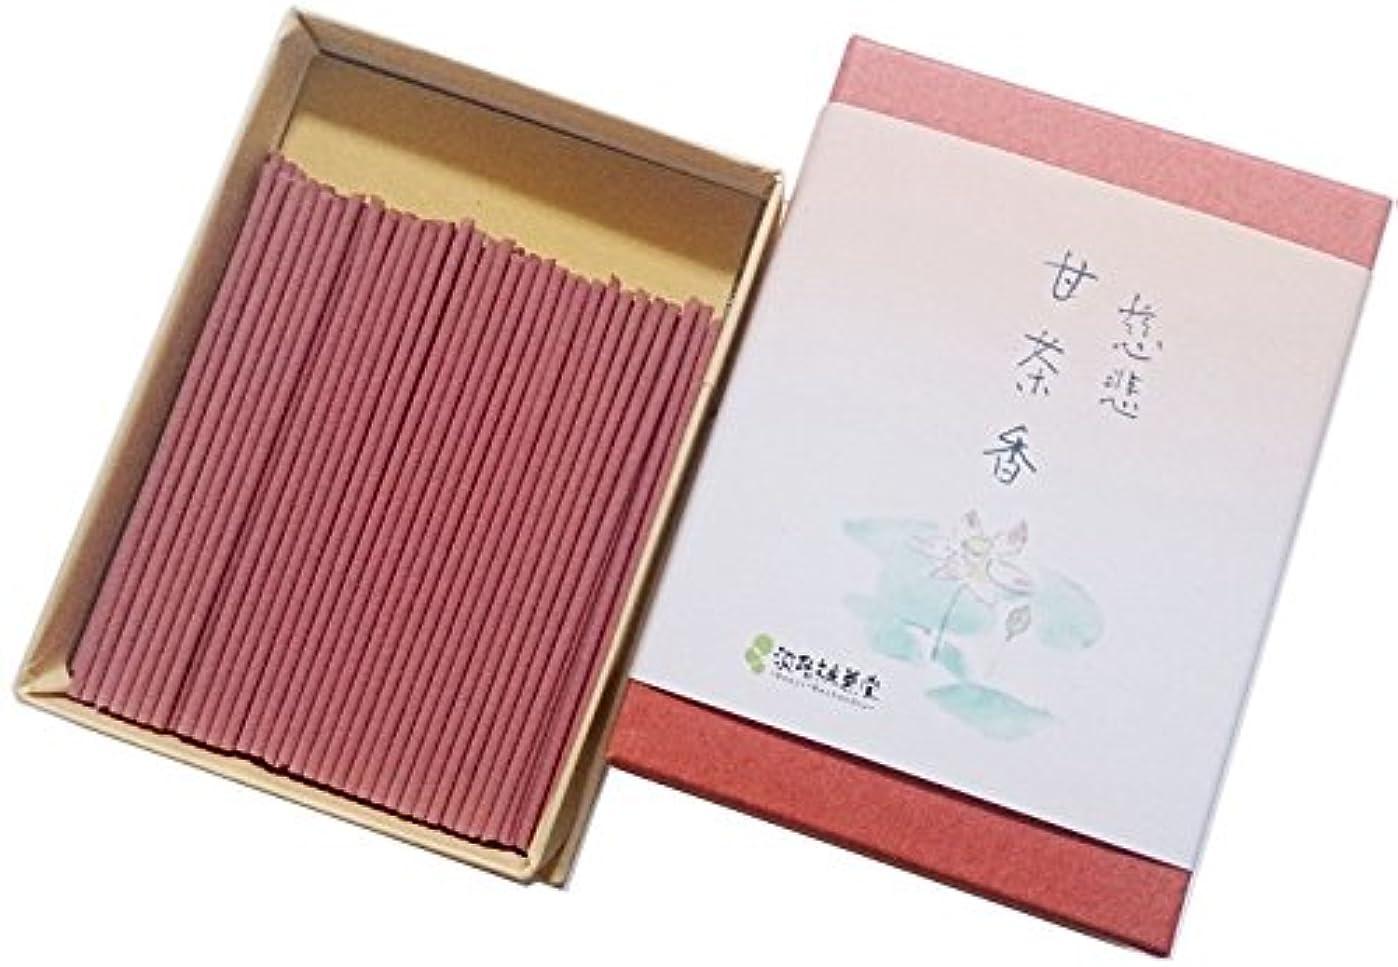 心理的添加剤支払う淡路梅薫堂のお香 慈悲甘茶香 25g #54 ミニ寸 いい香り いい匂い お線香